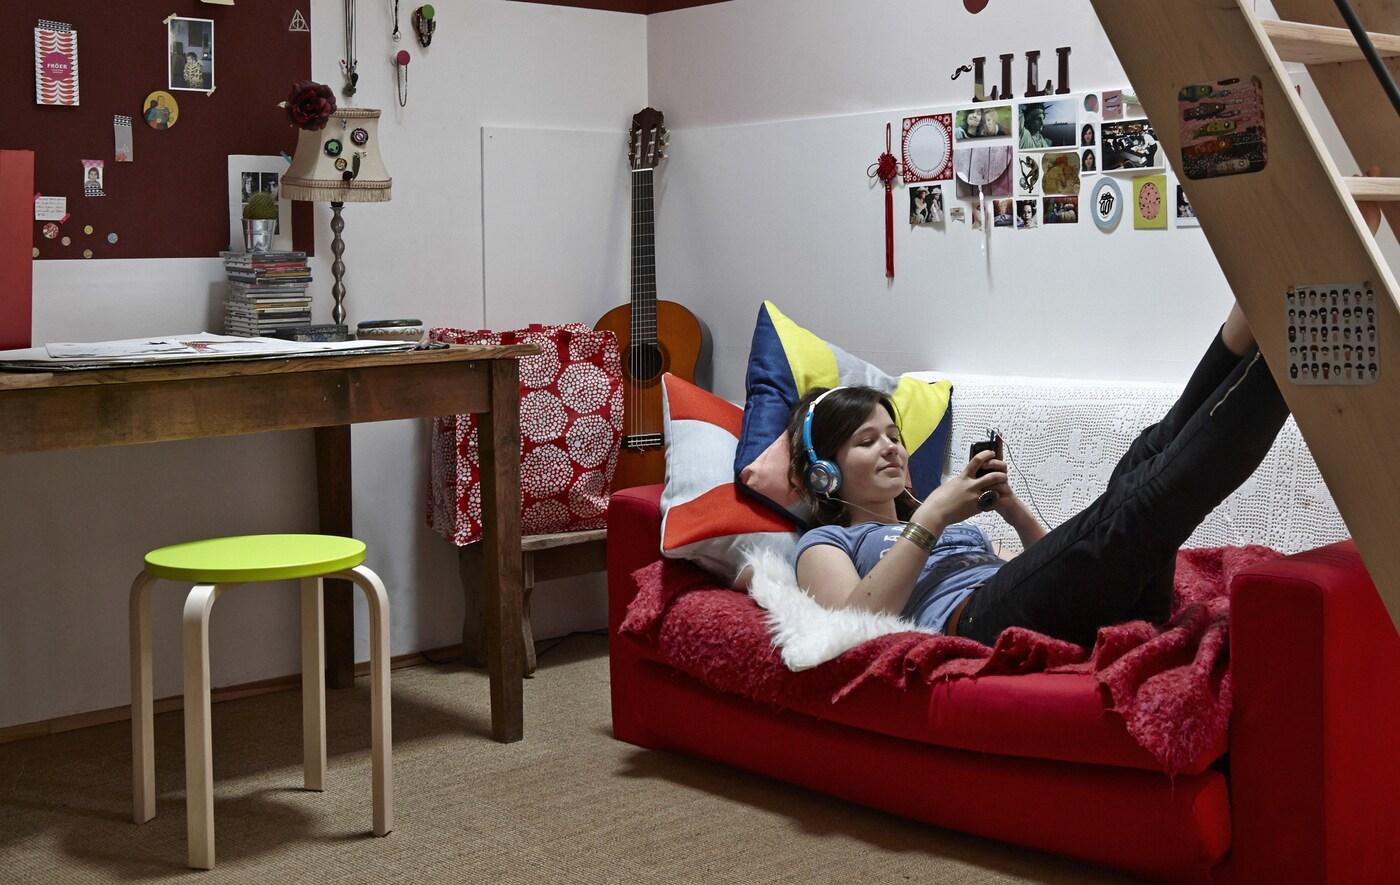 Создайте стильную комнату, в которой подросток сможет проводить время